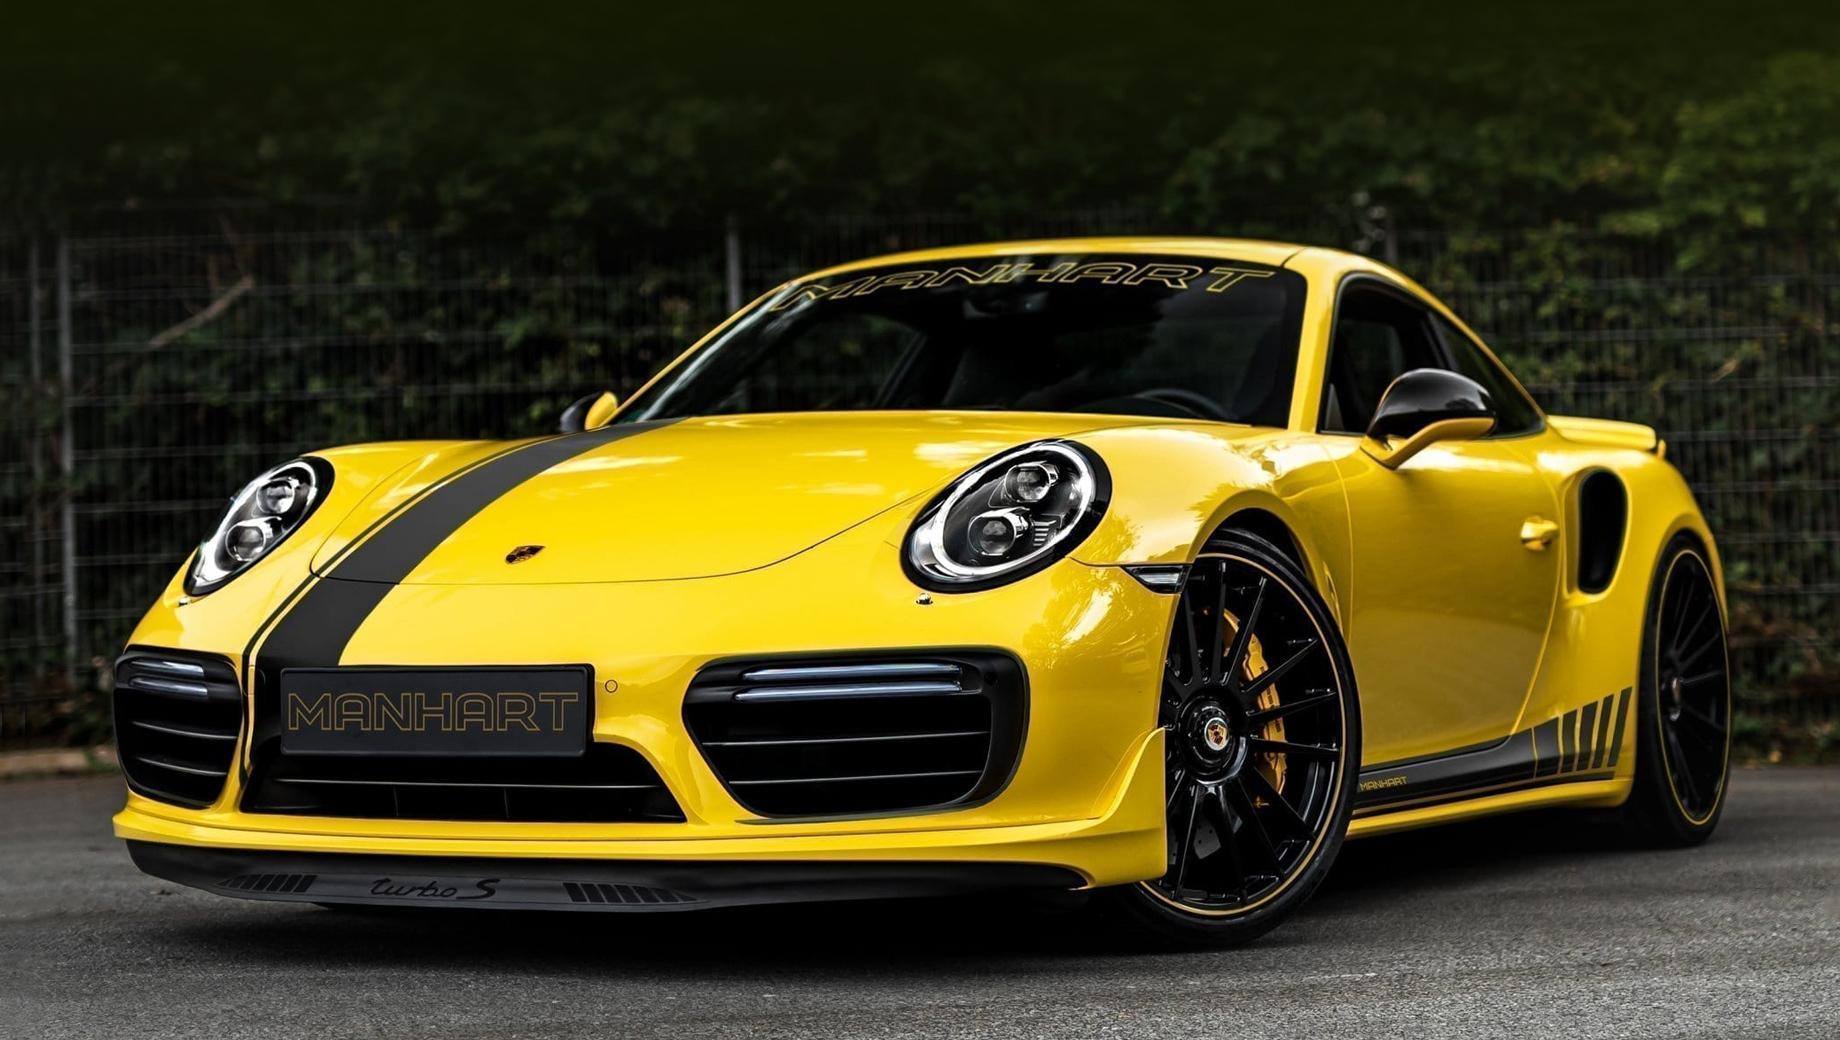 Porsche 911,Porsche 911 turbo s. В проект изменений по умолчанию входят форсировка двигателя, перекройка подвески и трансмиссии. А вот за доплату немцы включат в набор различные варианты индивидуализации экстерьера и интерьера, а также модернизацию тормозной системы.